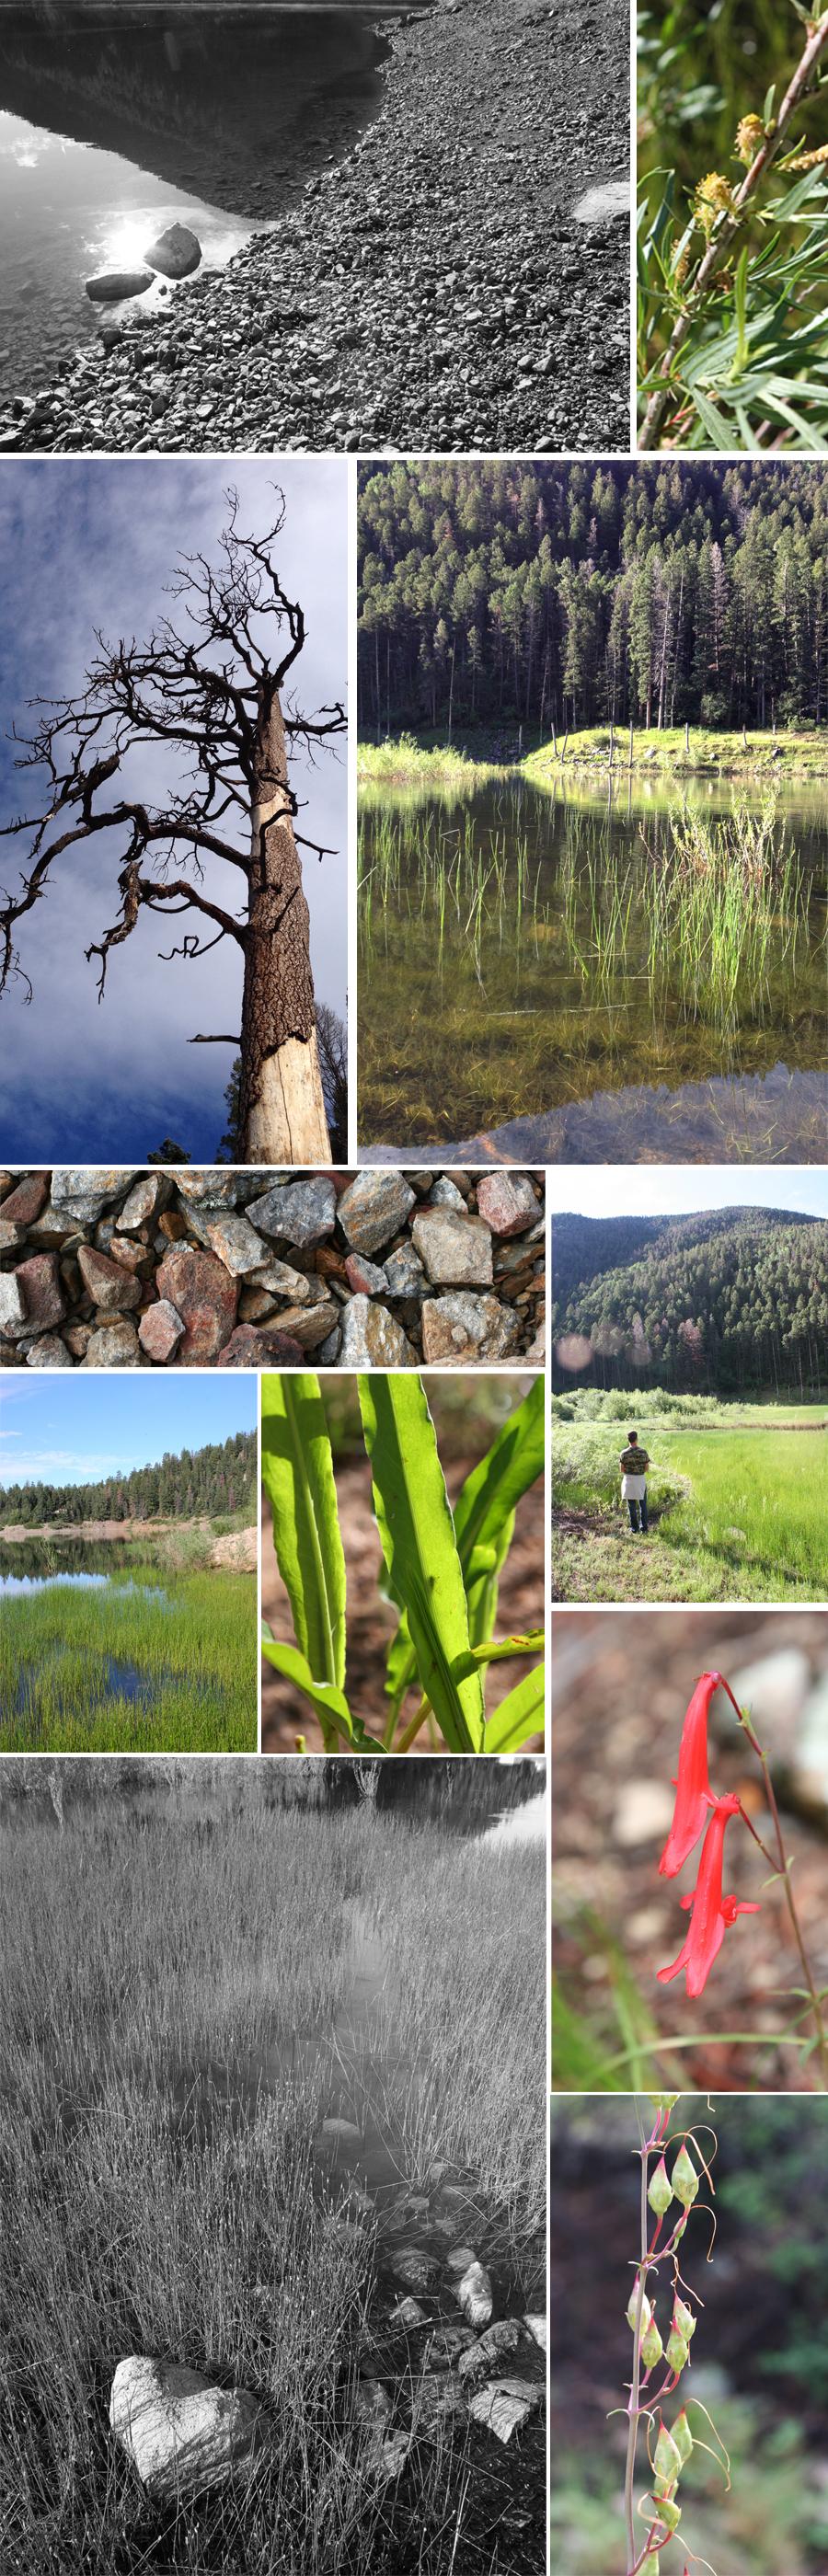 Cabresto lake New Mexico Collage